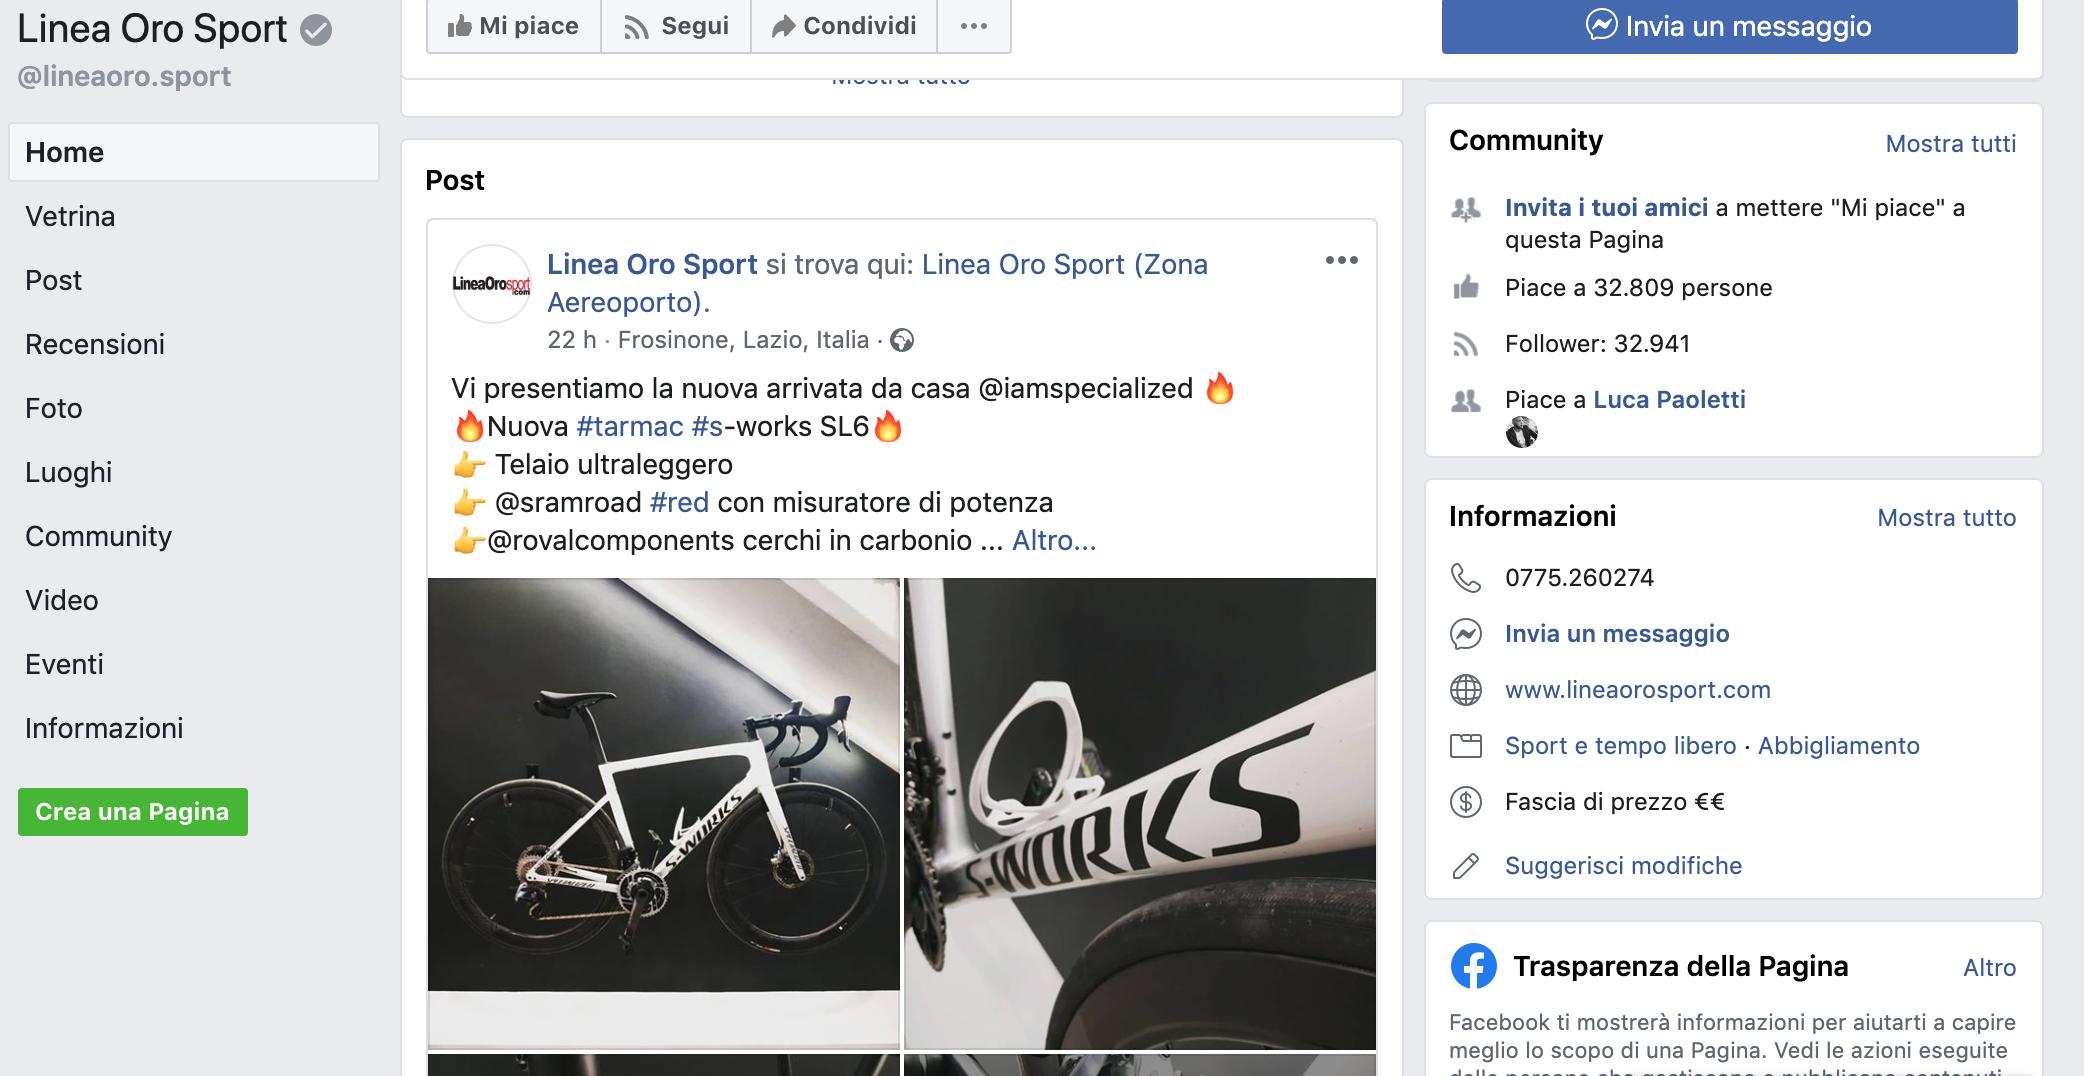 Linea Oro Sport